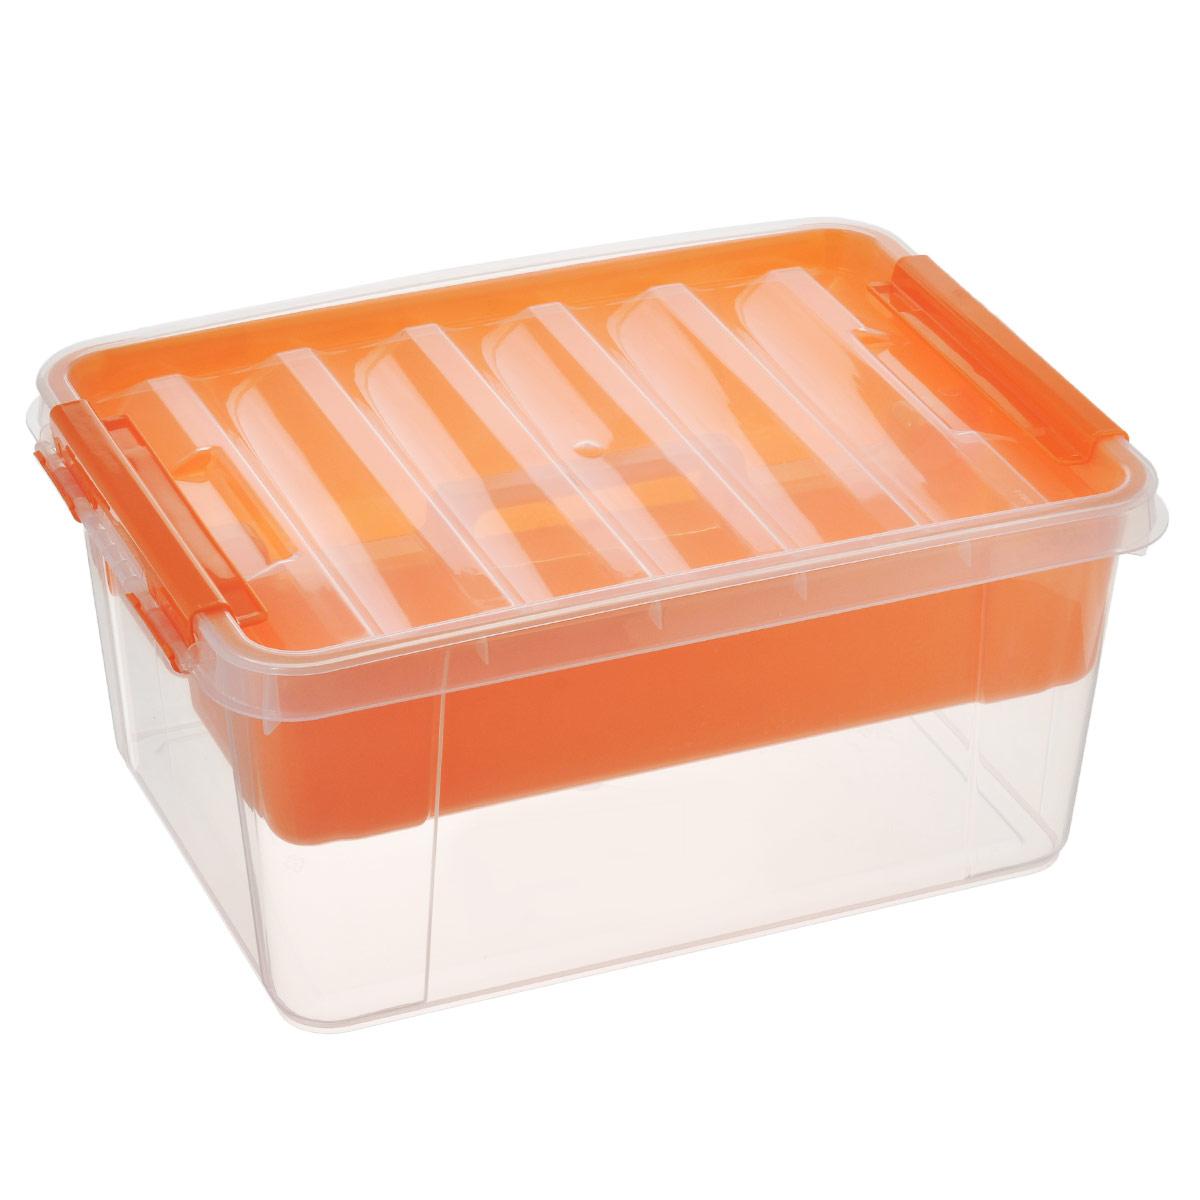 Ящик Полимербыт Профи, с вкладышем, цвет: оранжевый, 15 лС50801Вместительный ящик Полимербыт Профи выполнен из прозрачного пластика и предназначен для хранения различных предметов. Ящик оснащен удобной крышкой с рельефной поверхностью. Внутри ящика имеется съемный вкладыш с двумя глубокими секциями. Контейнер снабжен двумя пластиковыми фиксаторами по бокам, придающими дополнительную надежность закрывания крышки. Вместительный контейнер позволит сохранить различные нужные вещи в порядке, а герметичная крышка предотвратит случайное открывание, защитит содержимое от пыли и грязи. Размер внутренних секций: 36,5 см х 12,5 см х 9 см. Объем: 15 л.